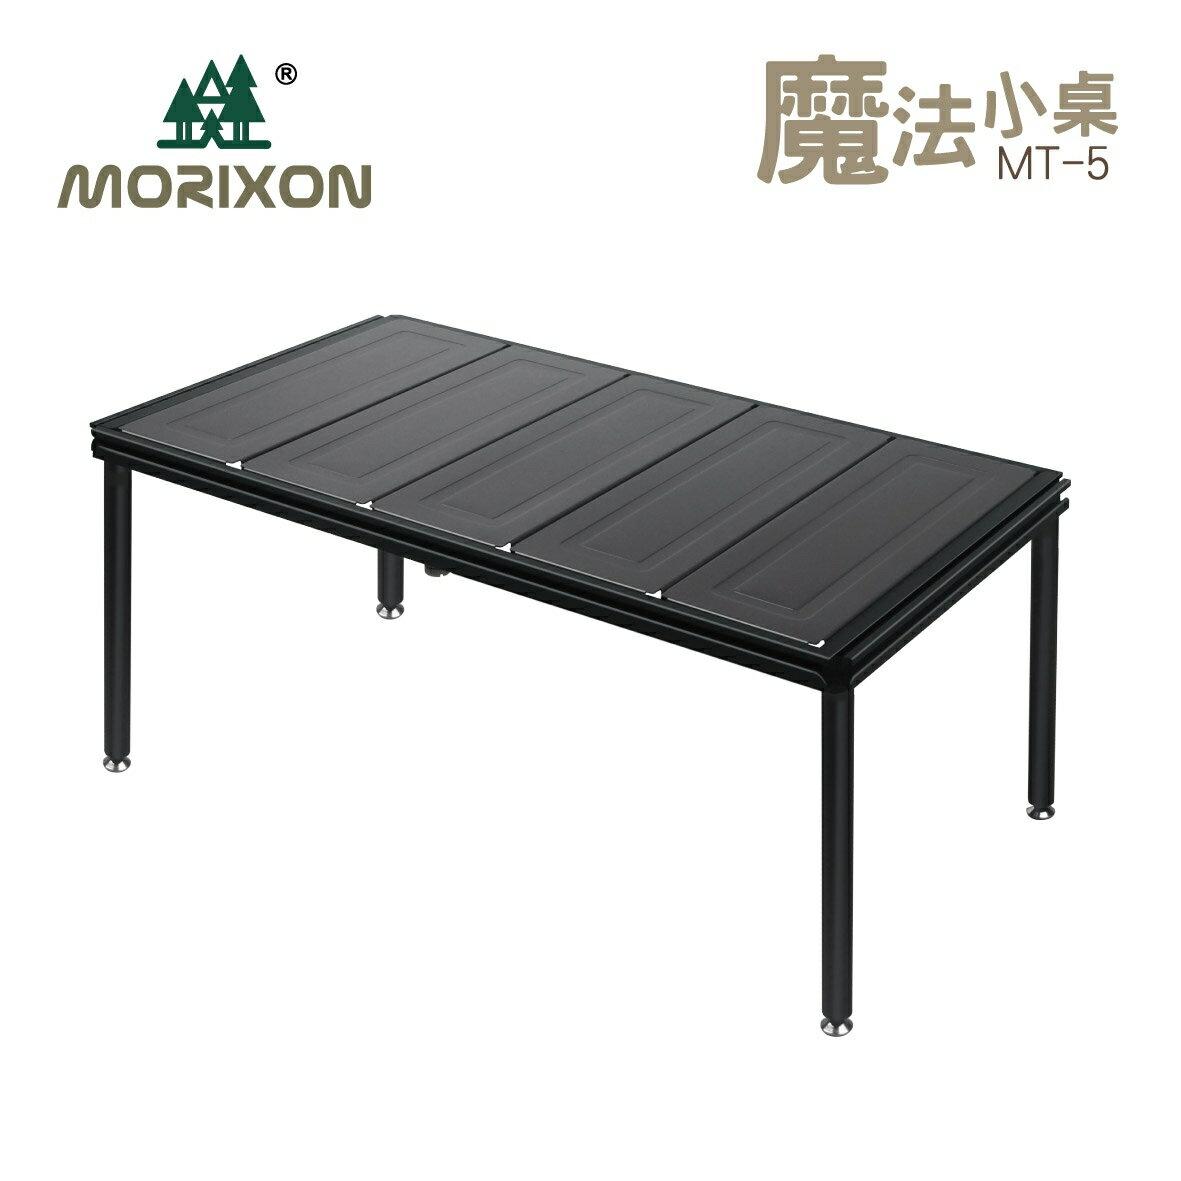 台灣專利【Morixon】魔法小桌-鋁合金桌板 MT-5A 摺疊桌 折疊桌 系統桌 組合桌 拼接桌 露營桌 戶外桌